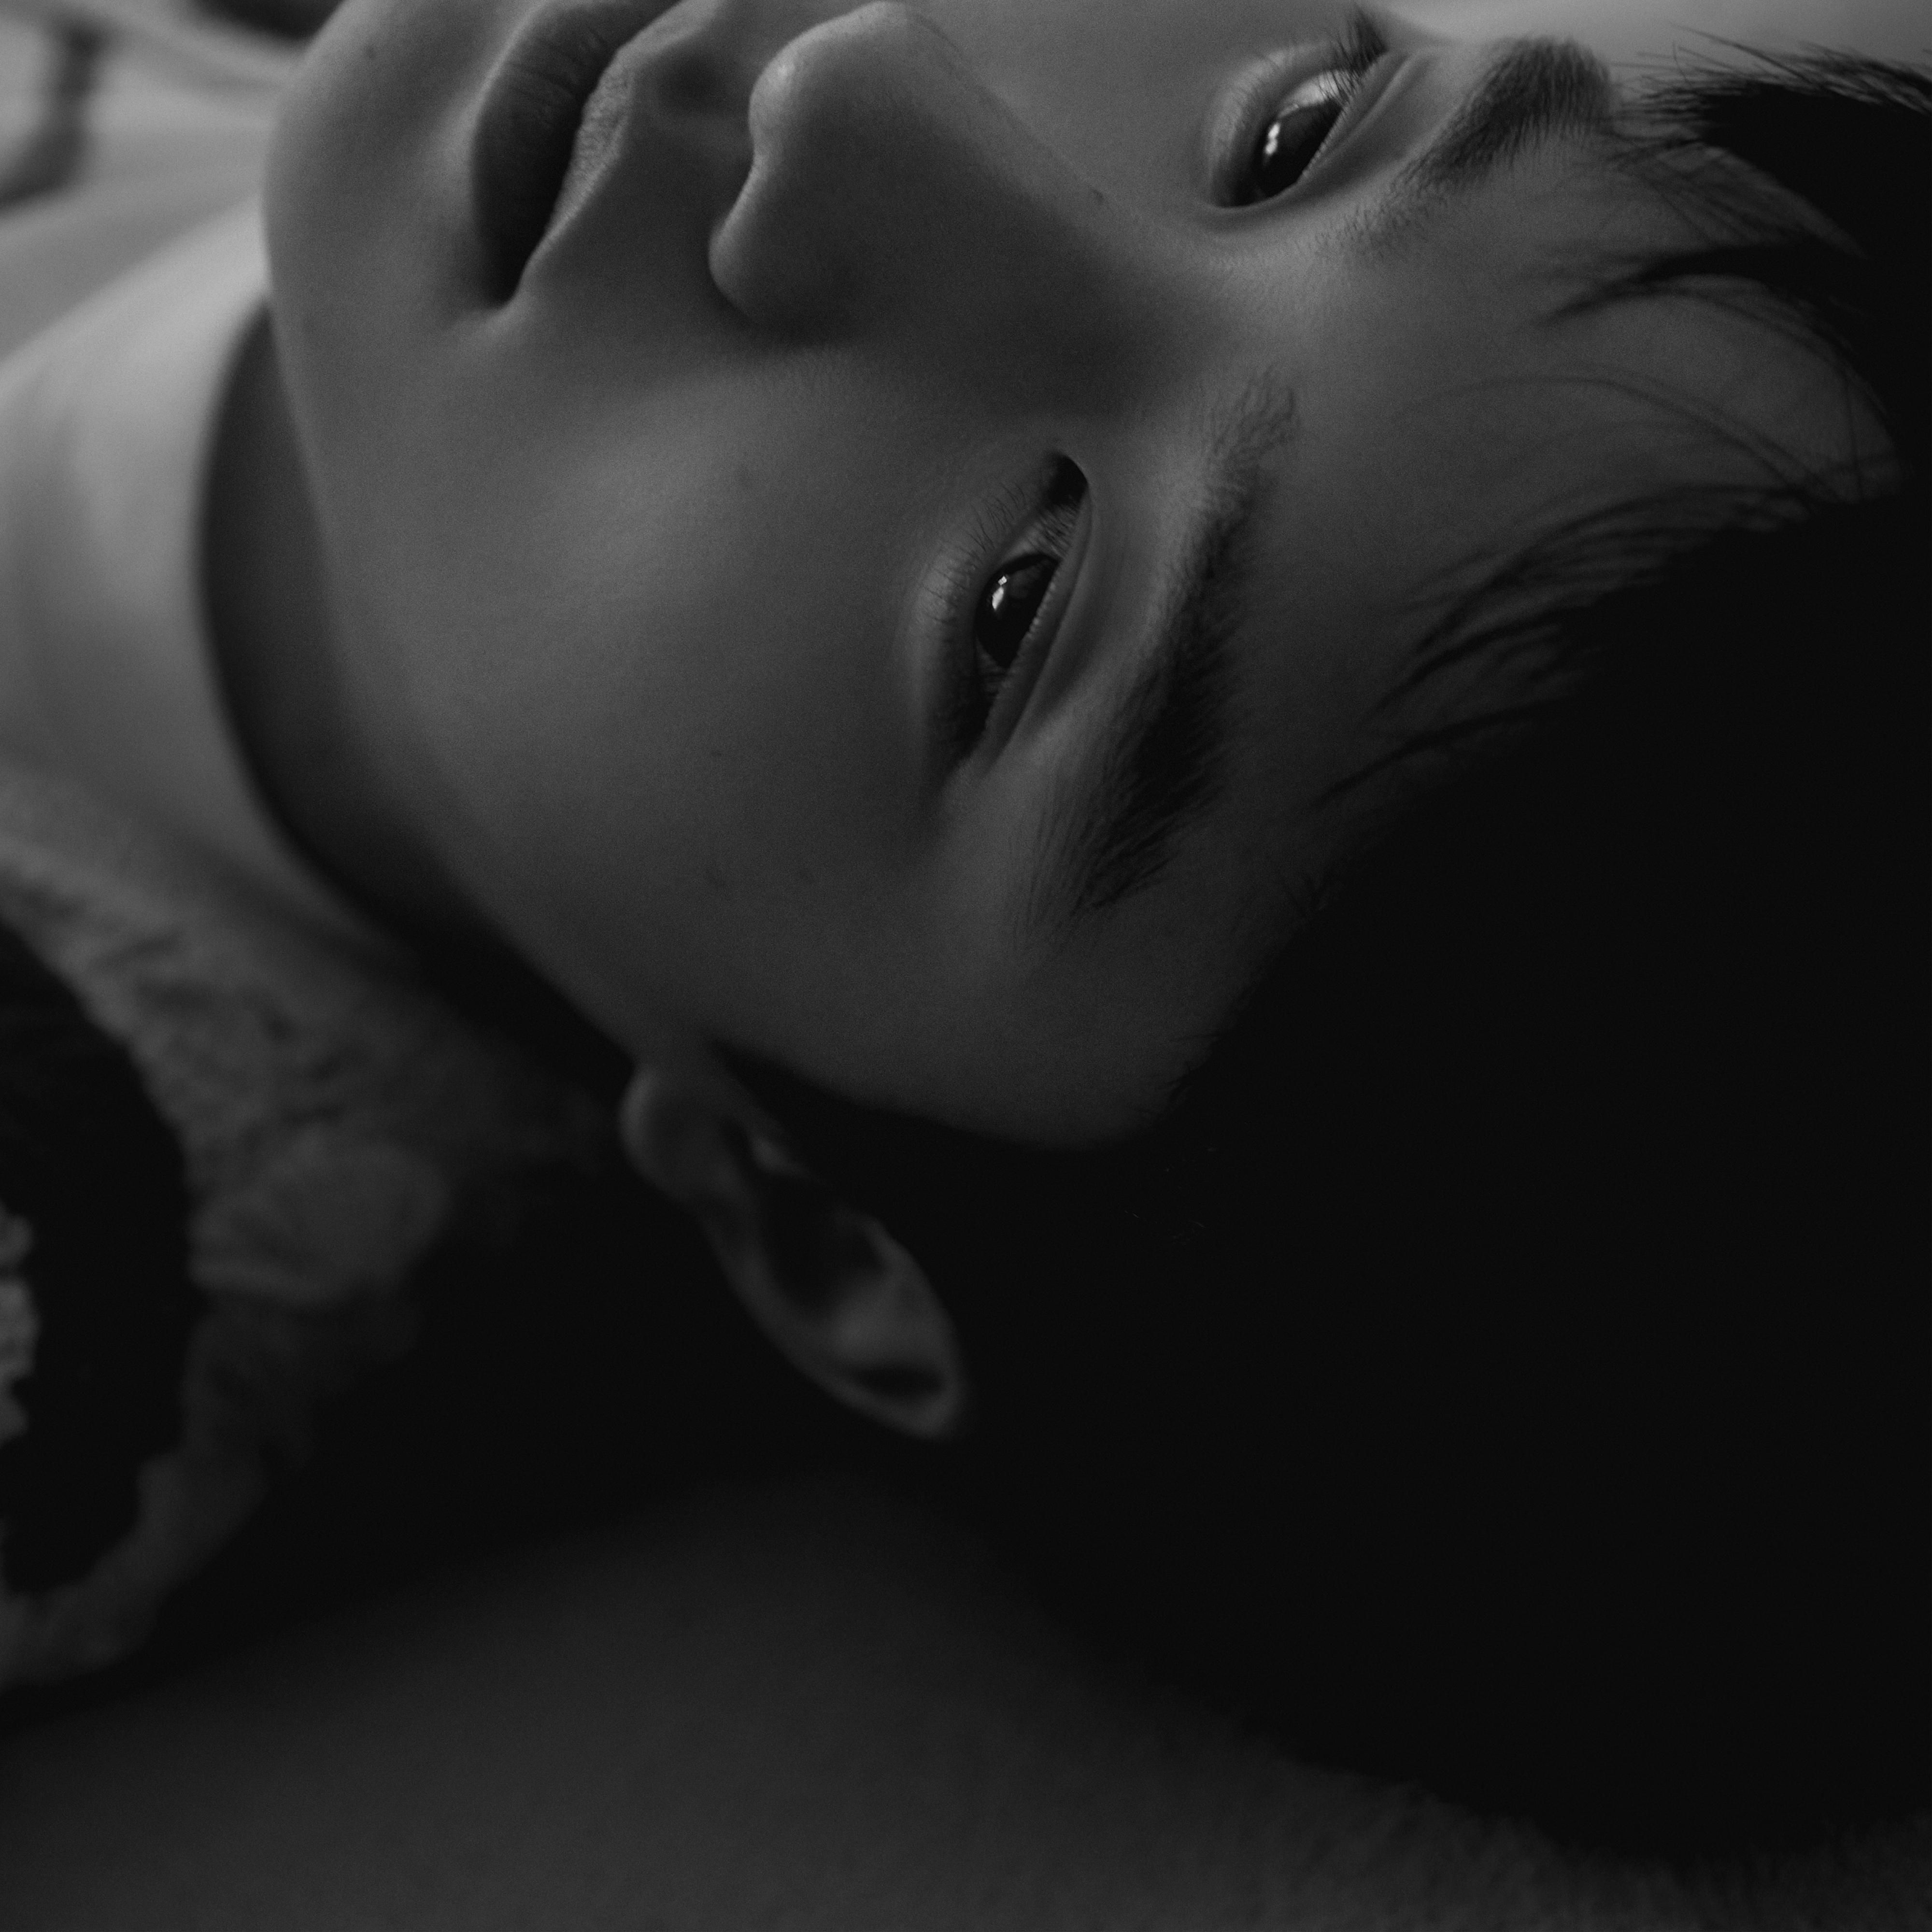 [影音] D.O. 迷你1輯 '共感'